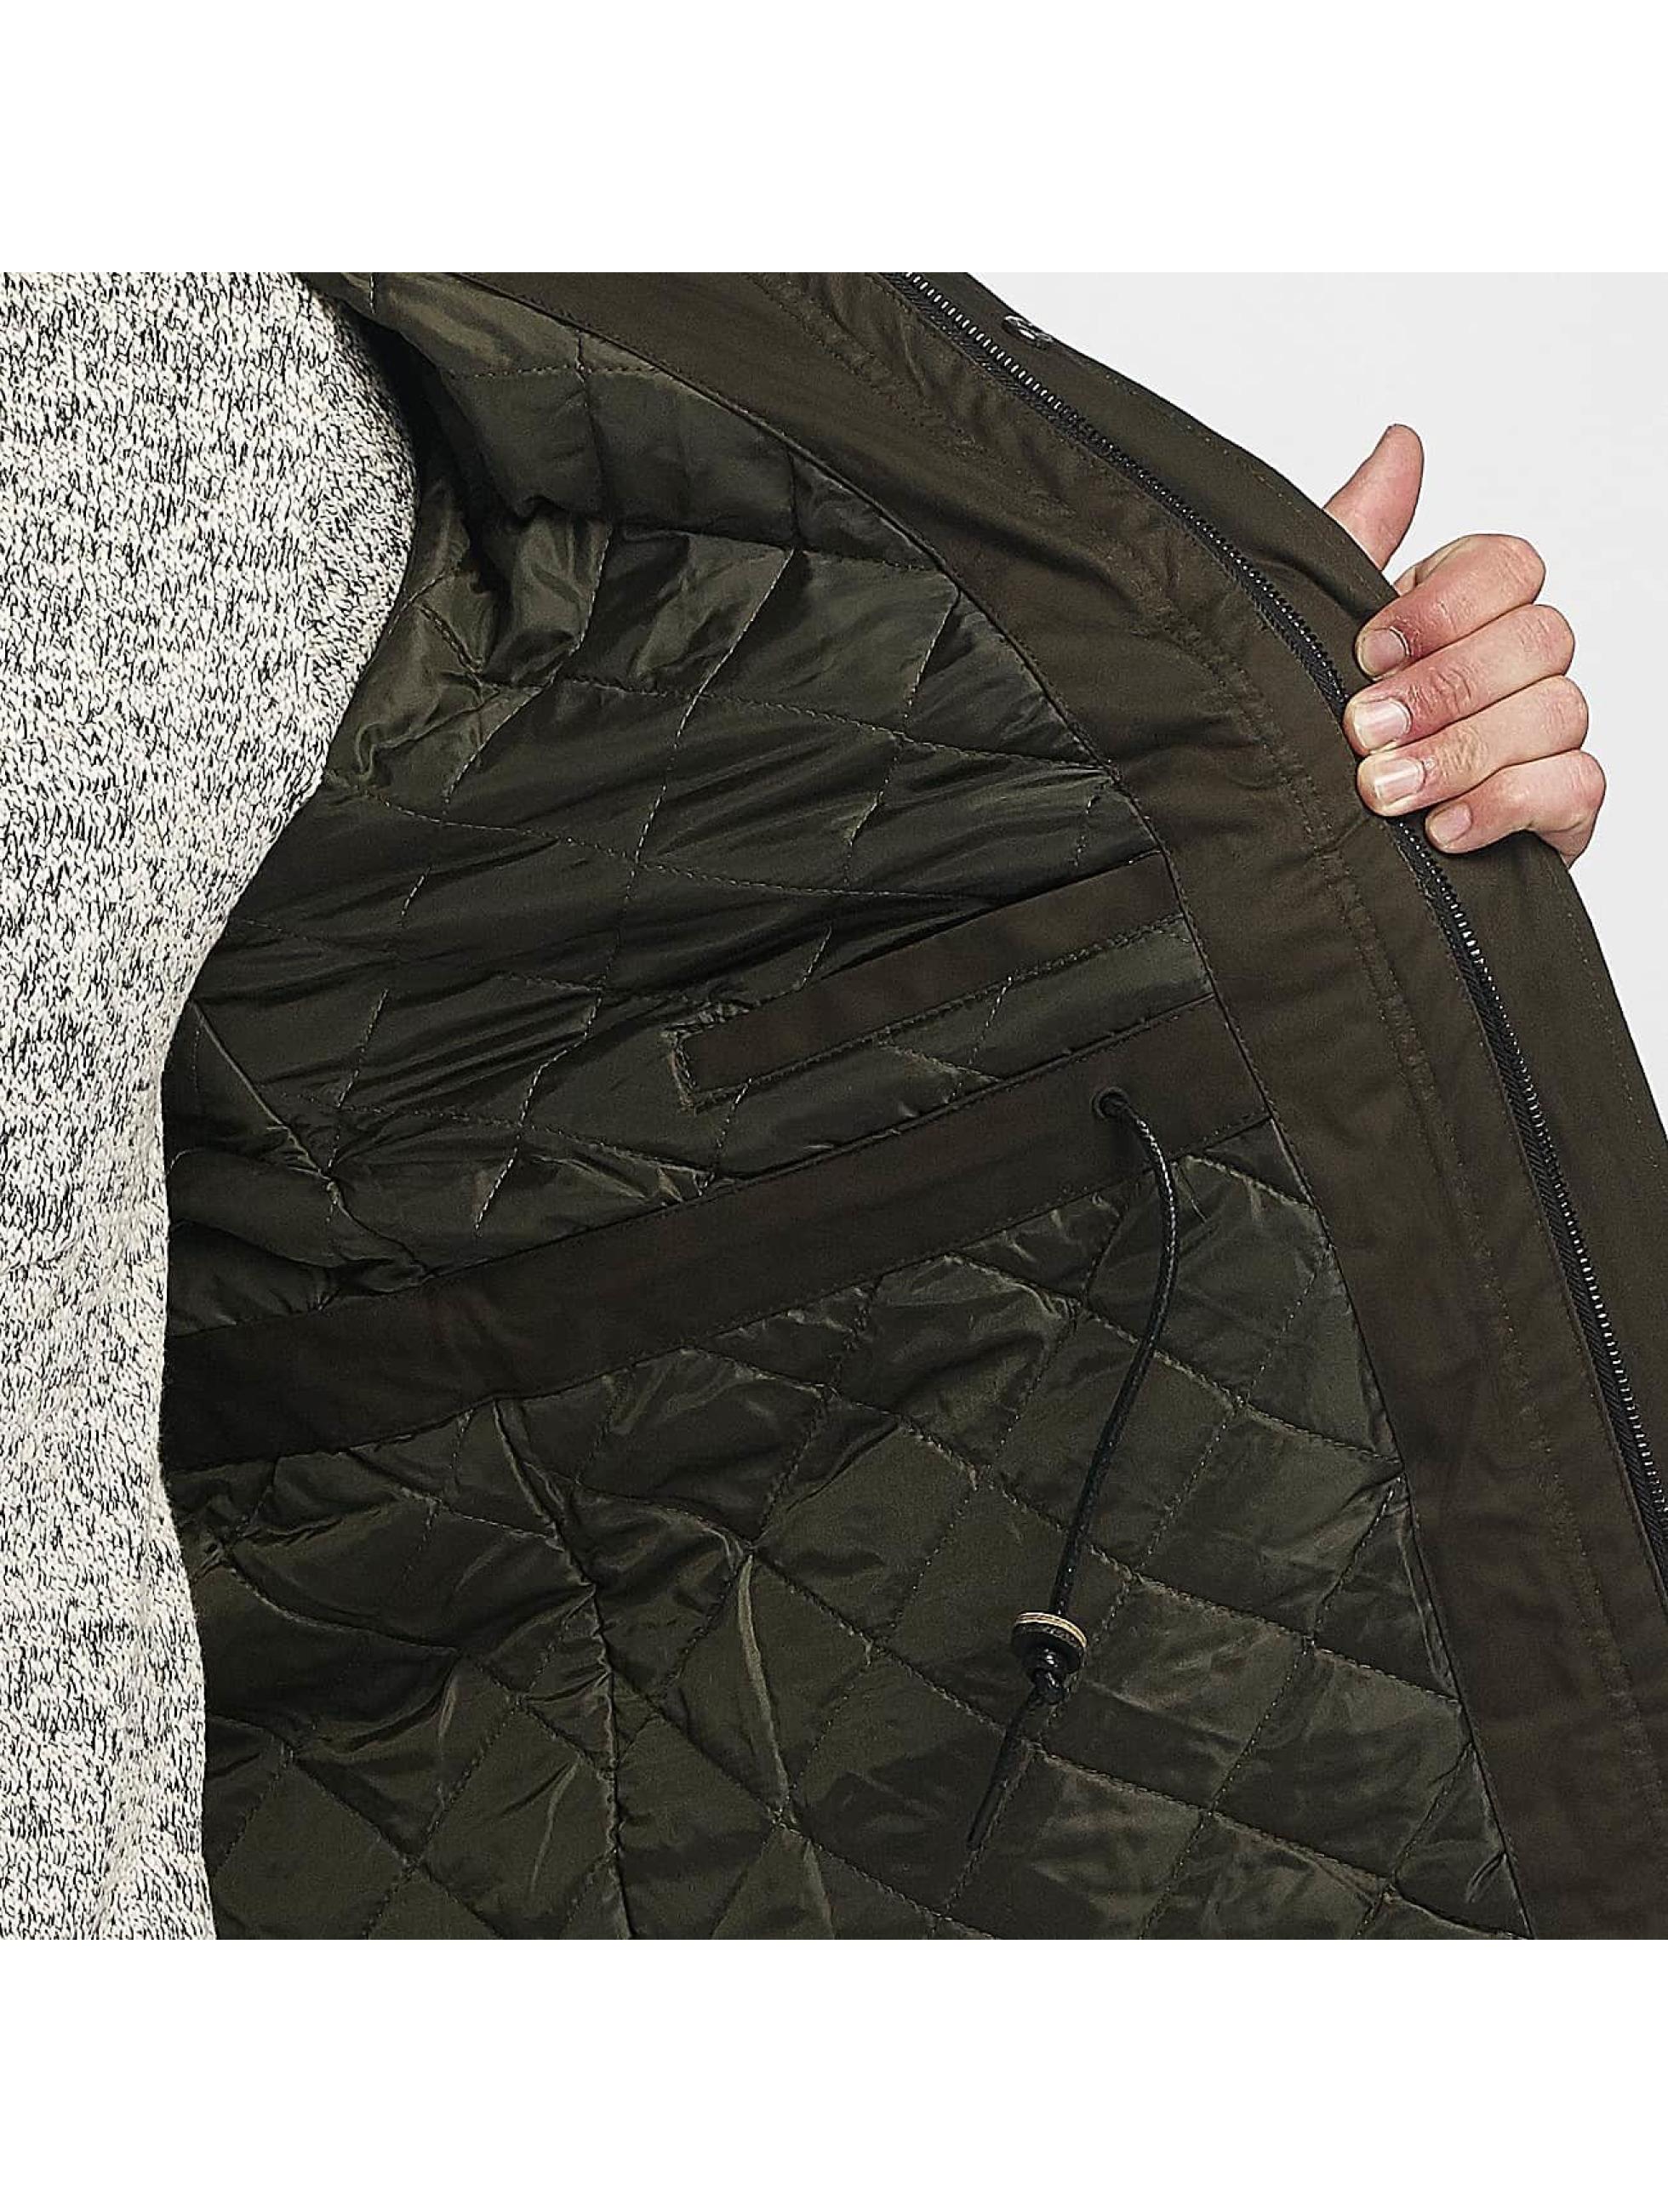 Brave Soul Winterjacke Brave Soul Winter Jacket olive